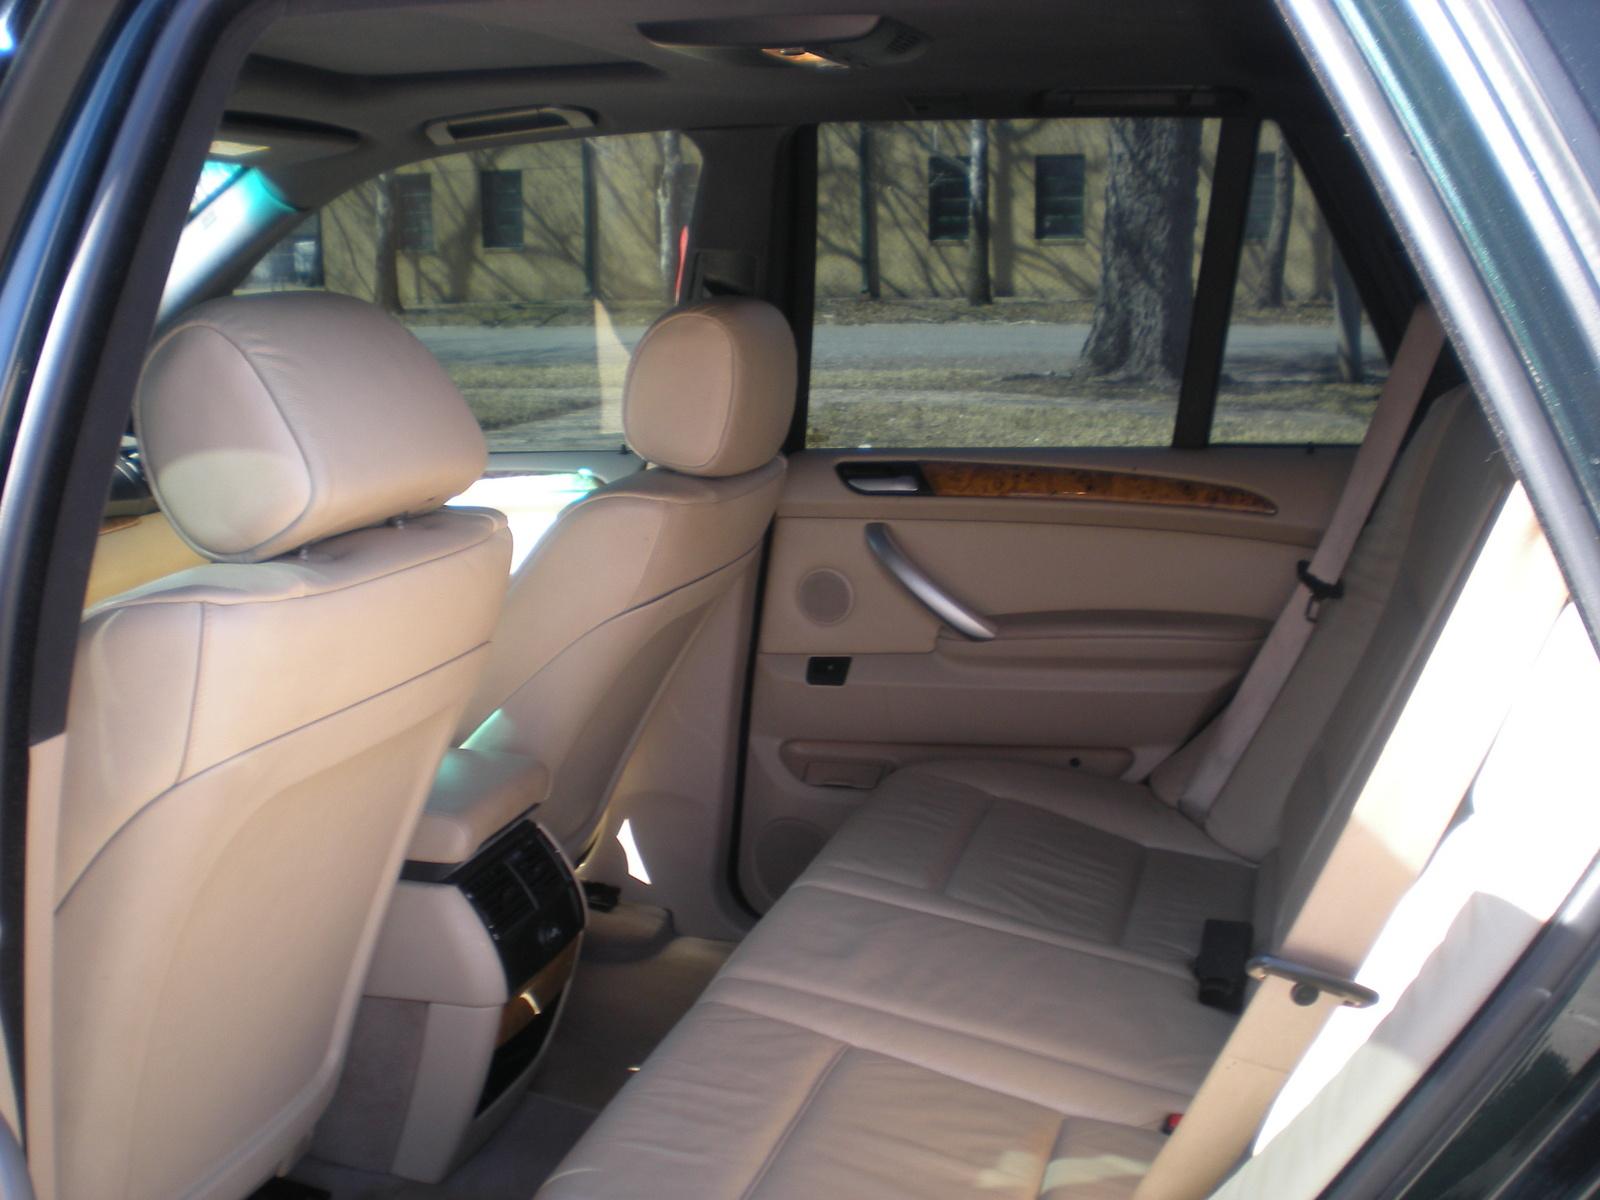 2000 Bmw X5 Interior Pictures Cargurus